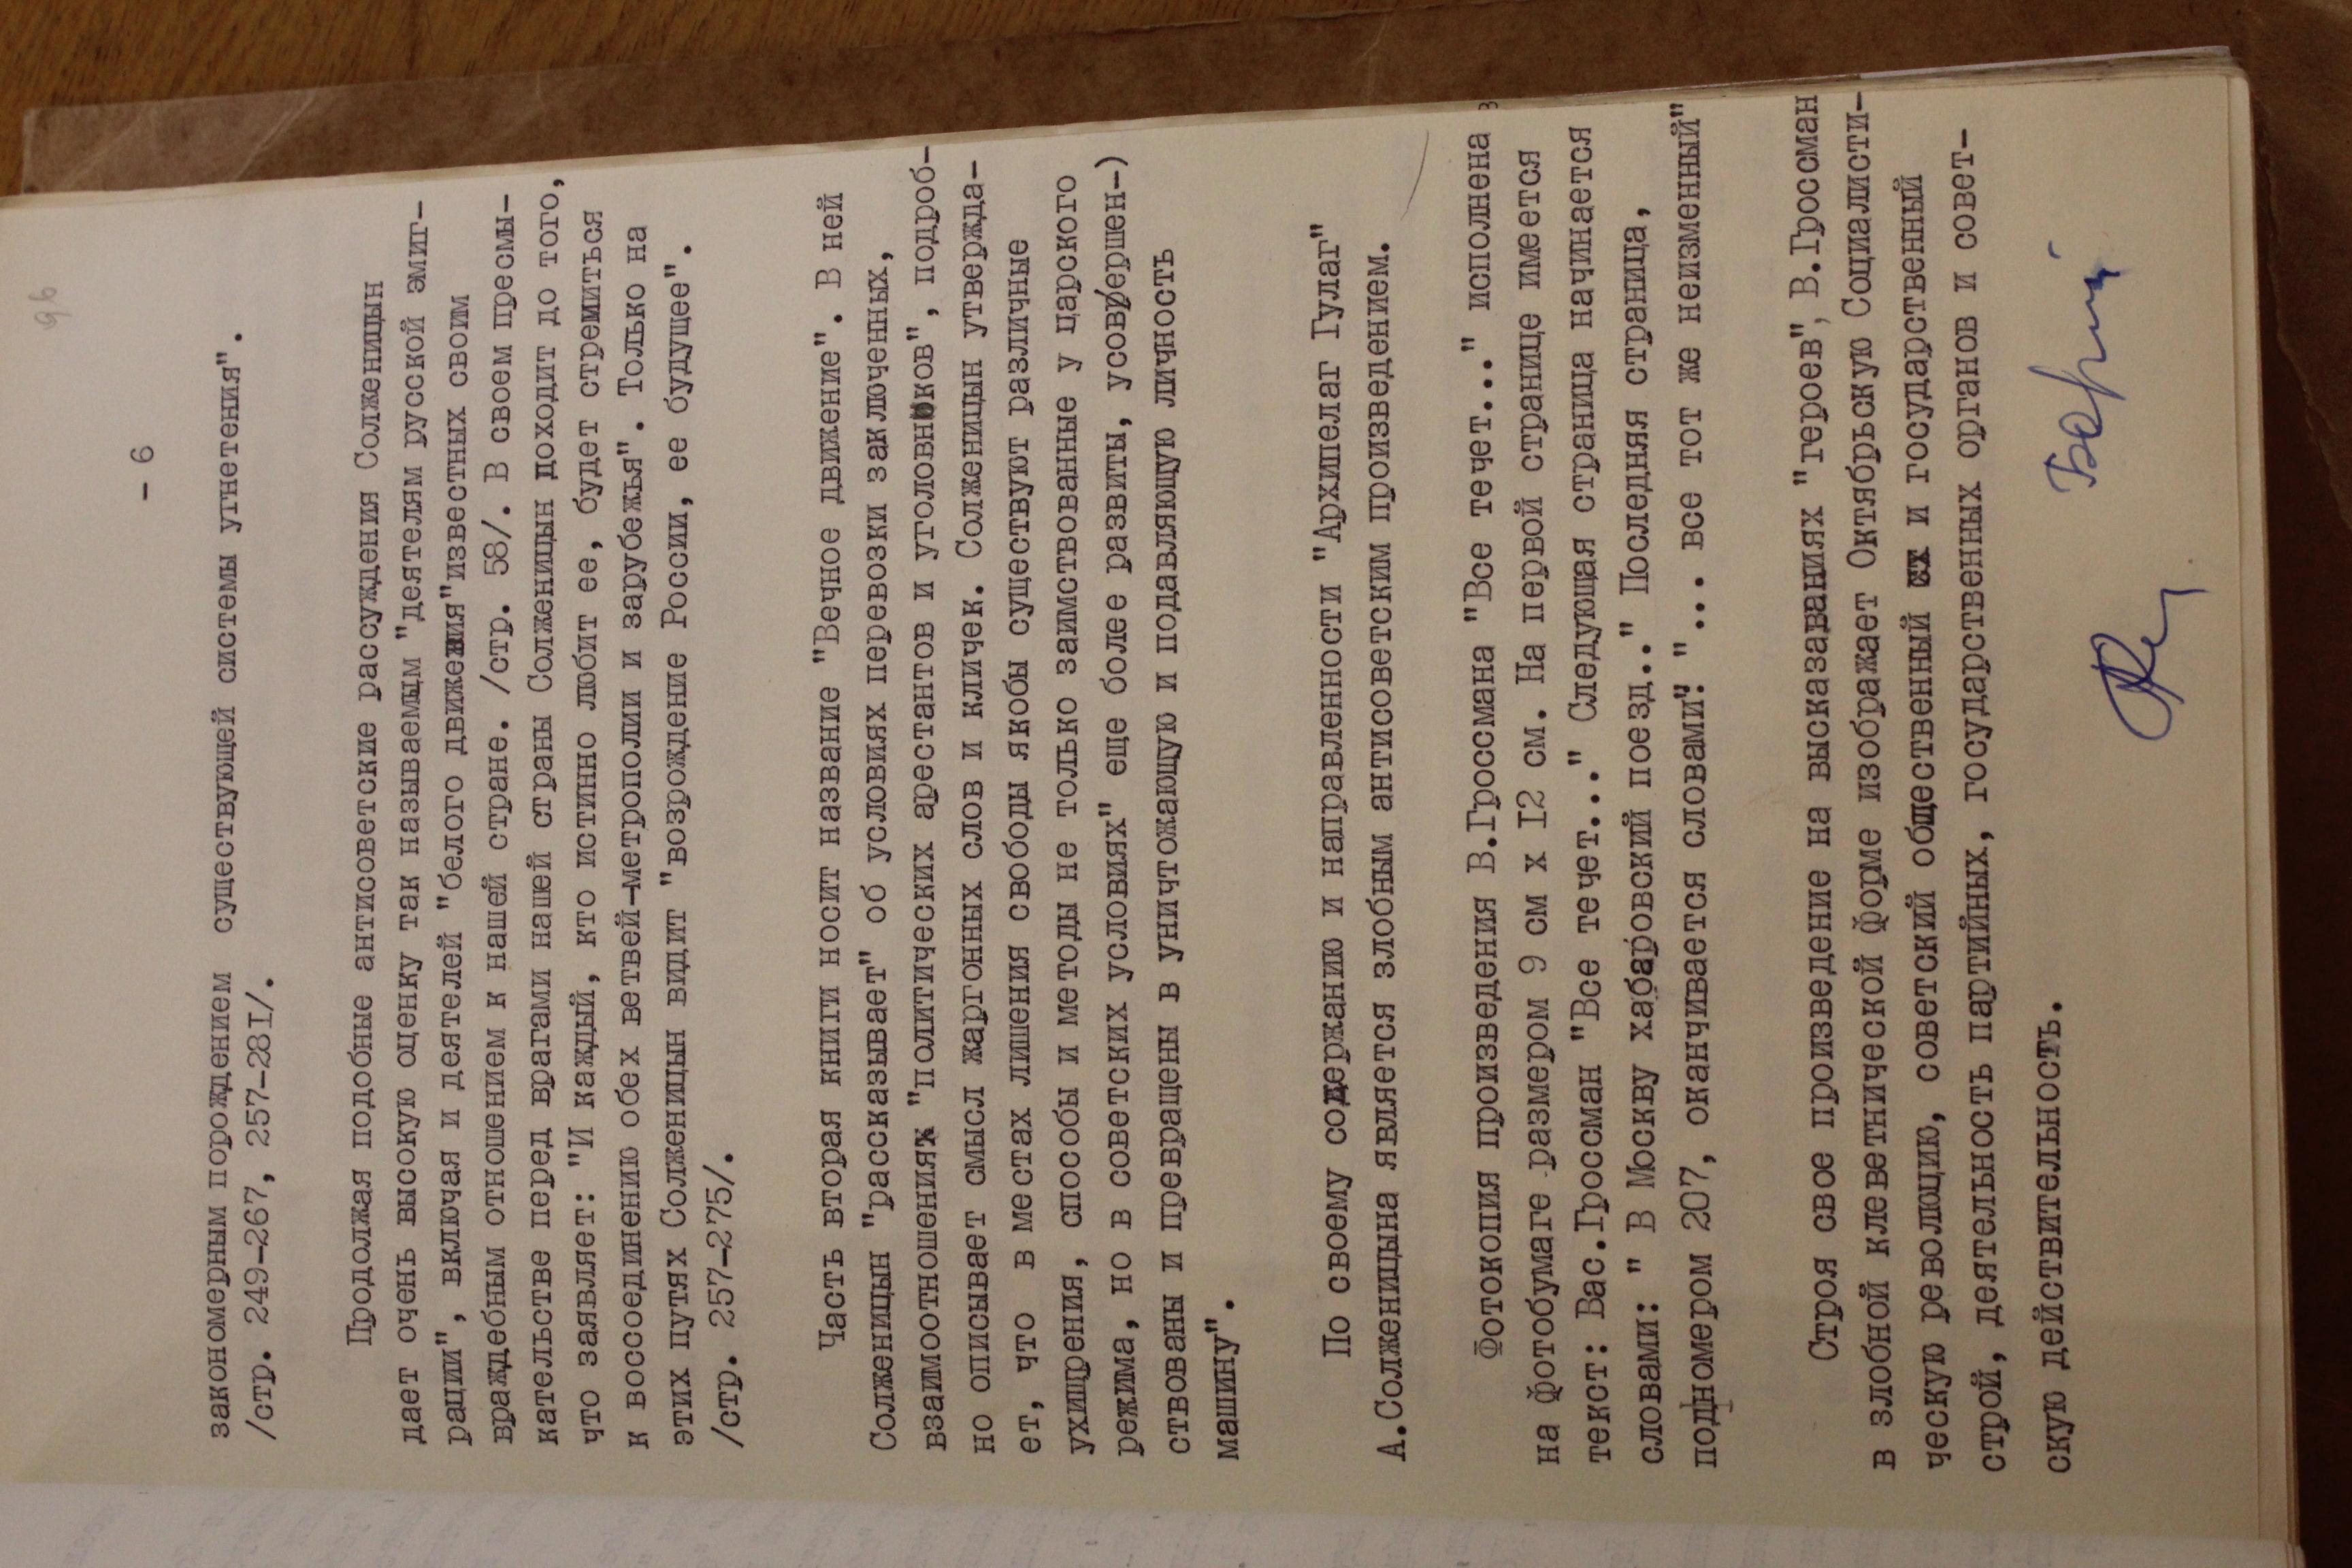 """Рецензии на """"Архипелаг ГУЛАГ"""" и """"Письмо вождям Советского Союза"""" из уголовного дела Игрунова"""